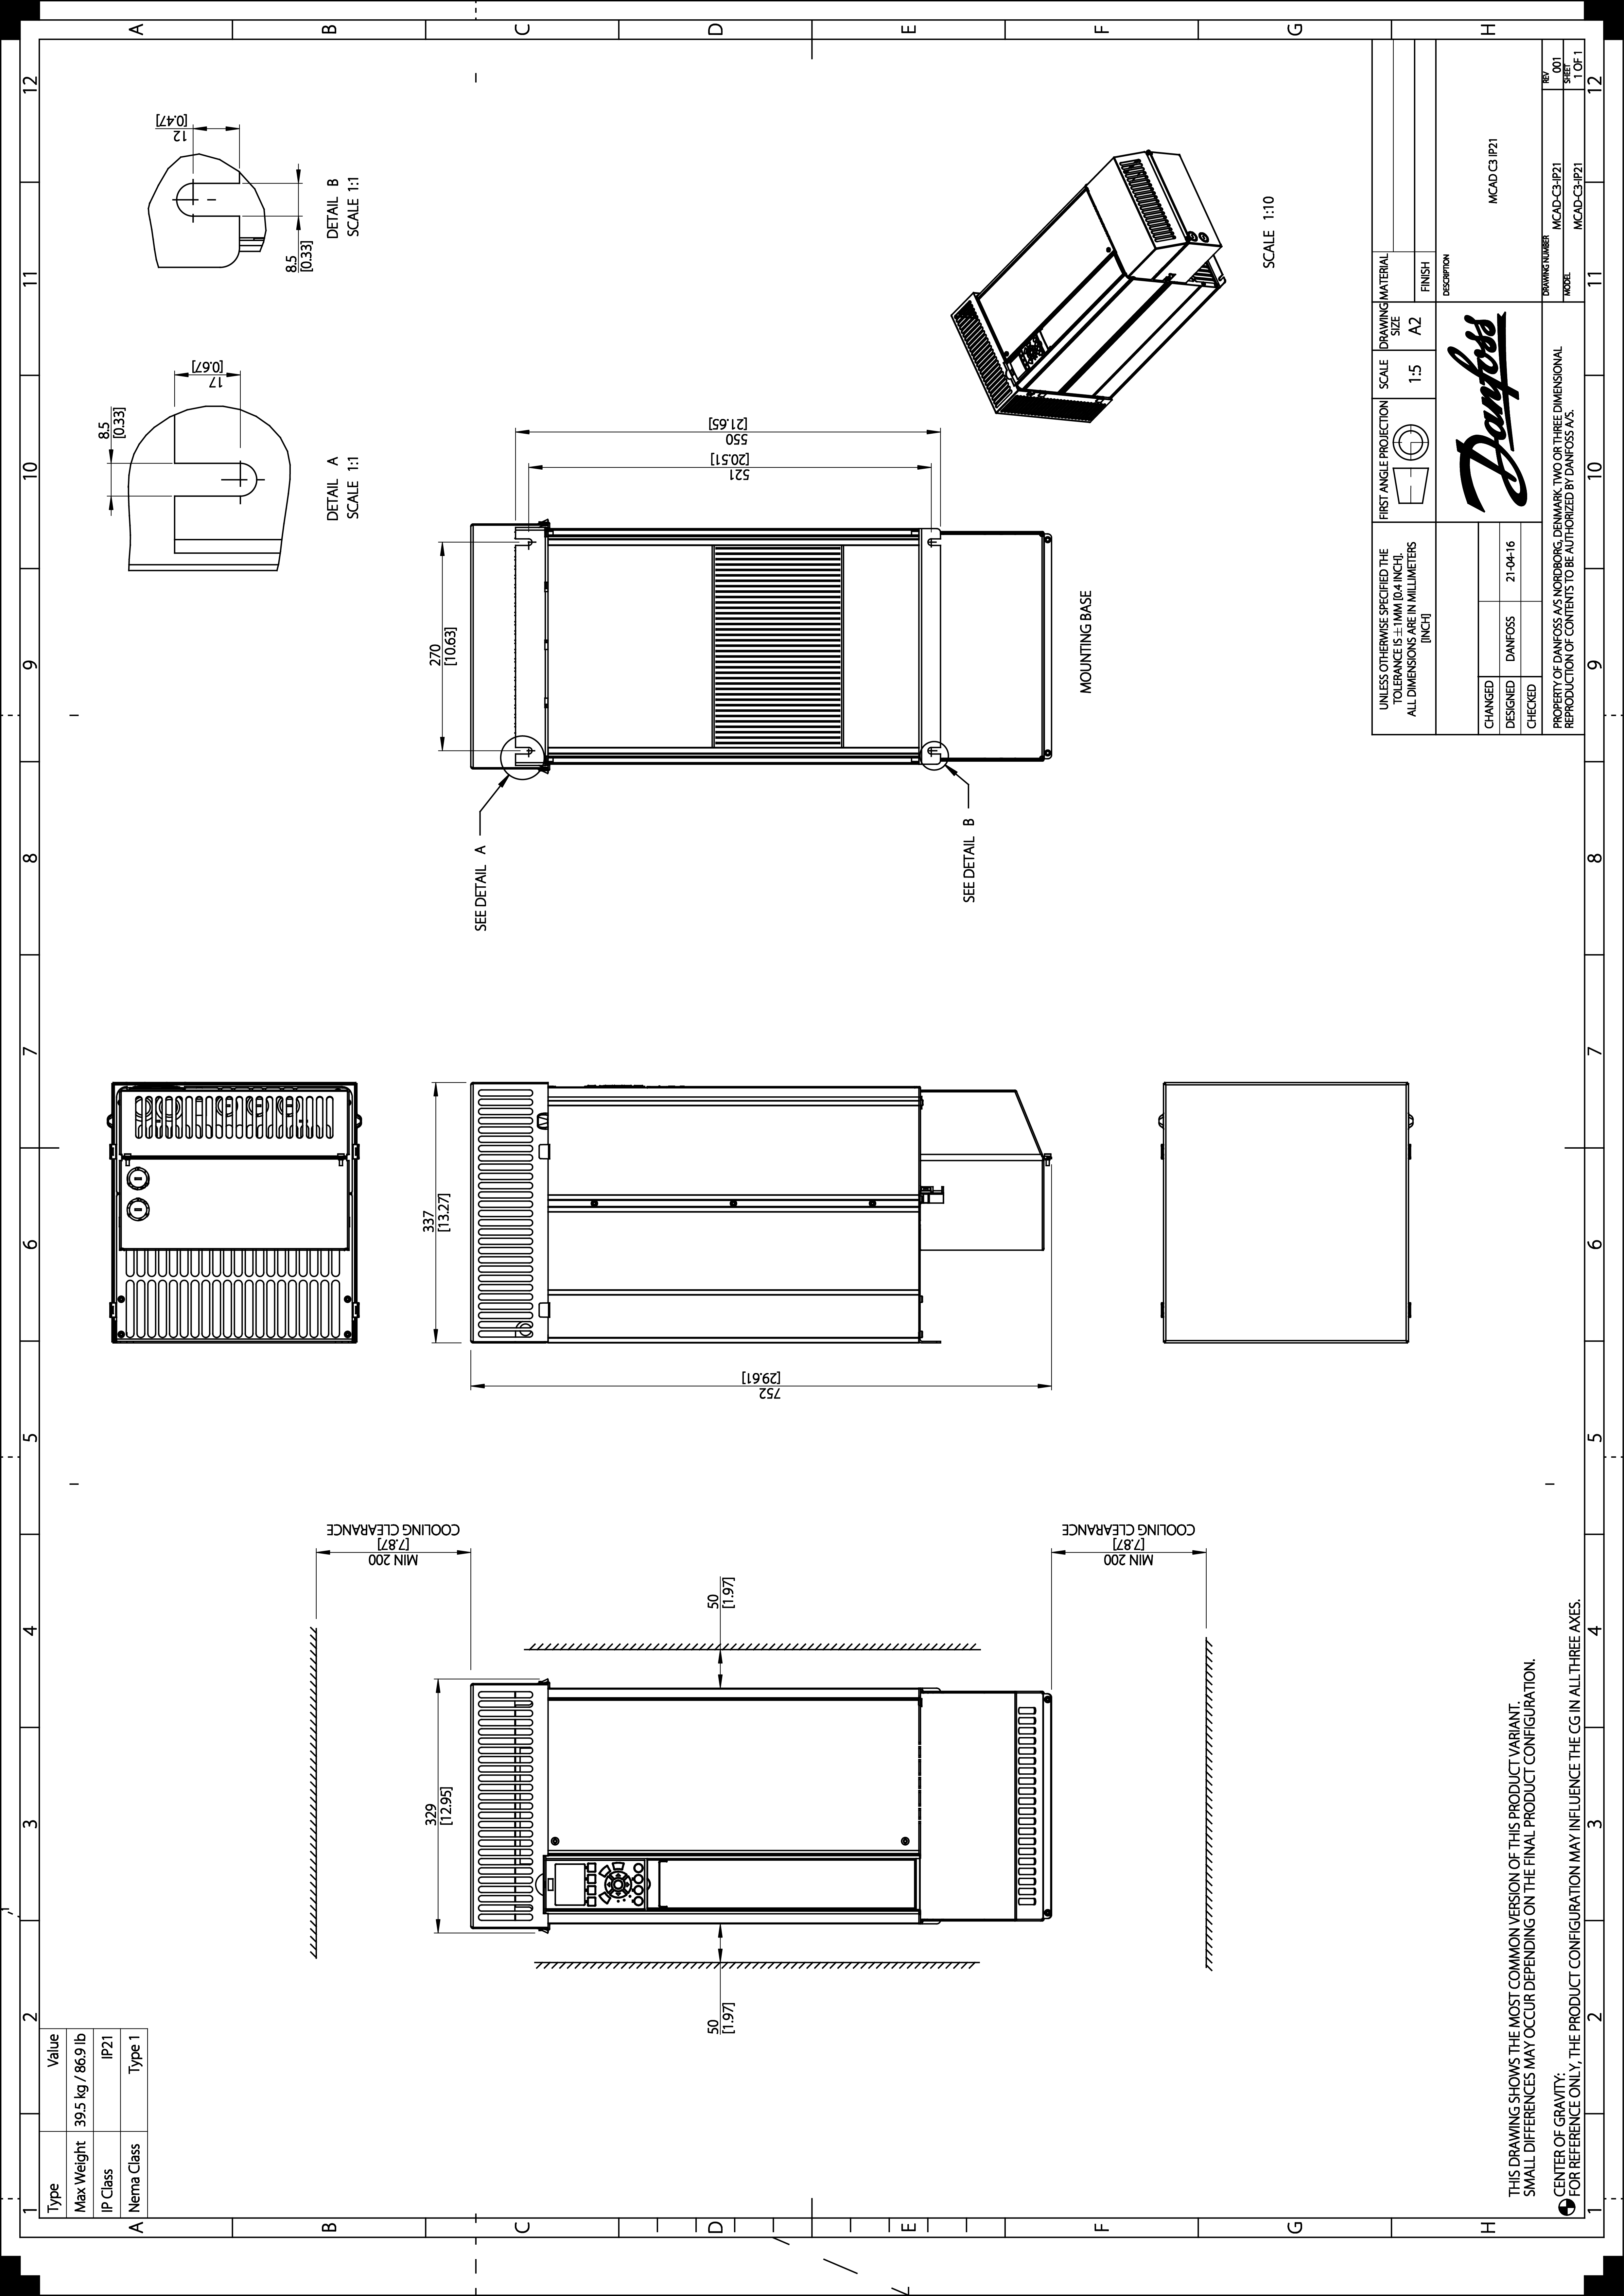 VLT® AutomationDrive FC 301 / FC 302 | Danfoss on